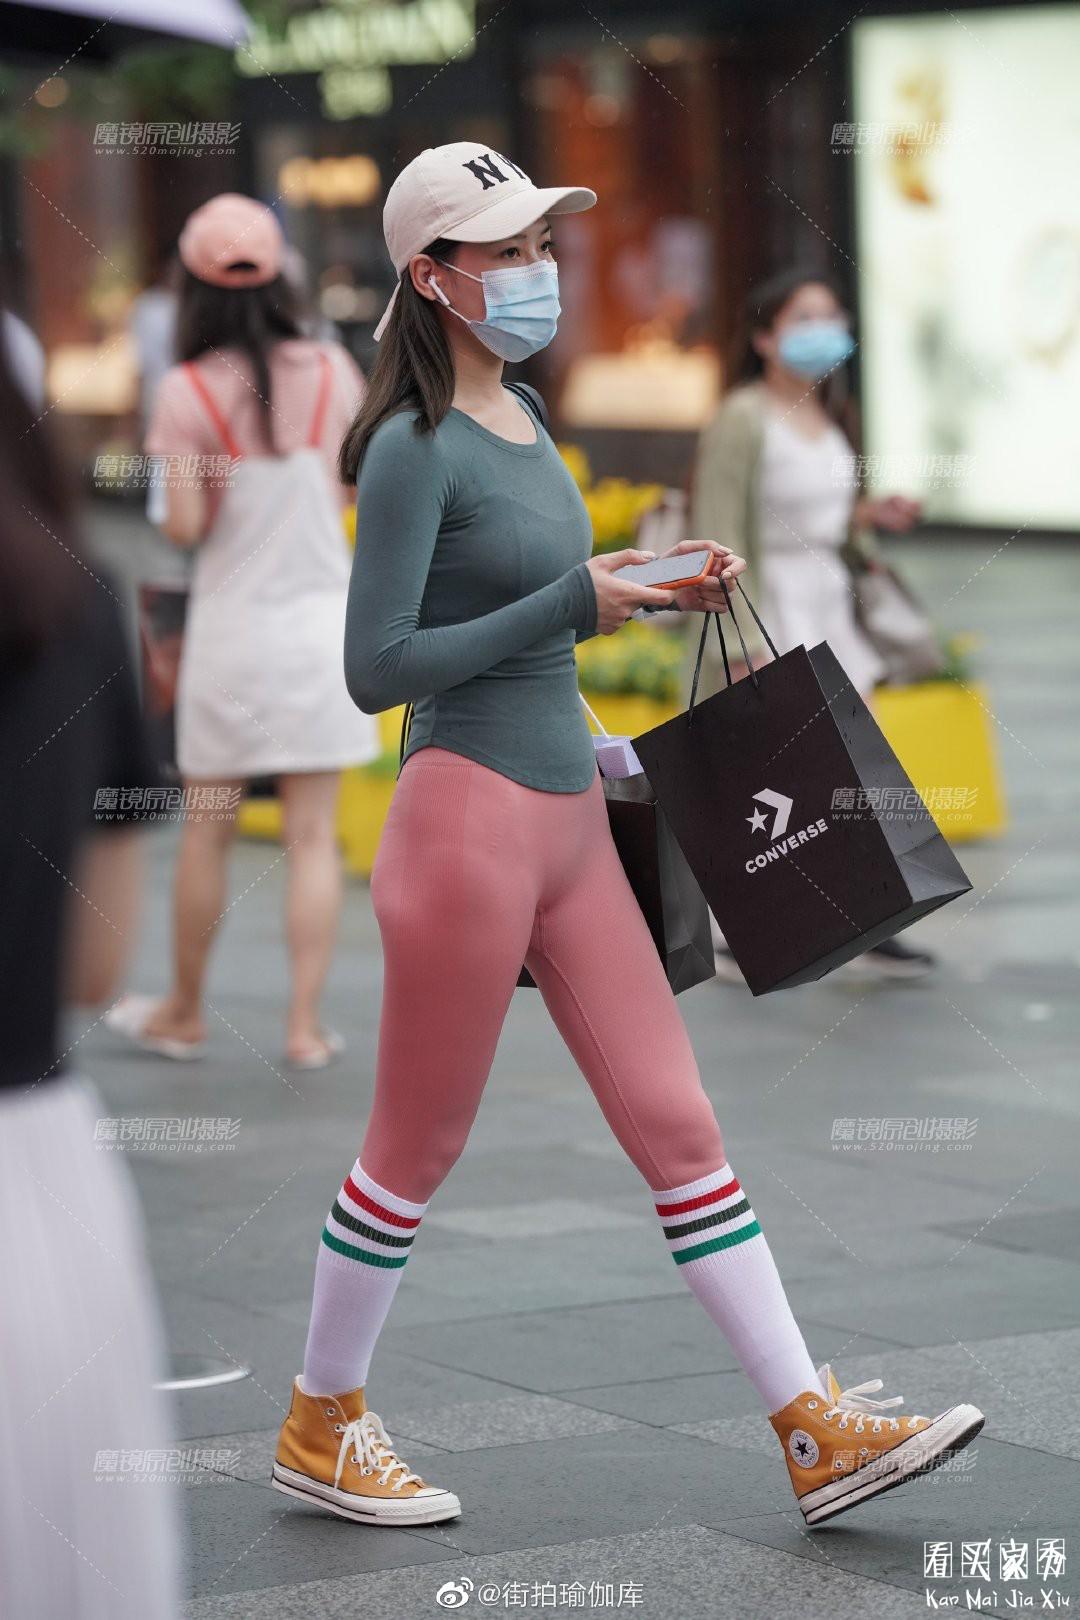 [街拍美女]性感紧身无痕运动裤,时尚休闲,凸显身材的美3